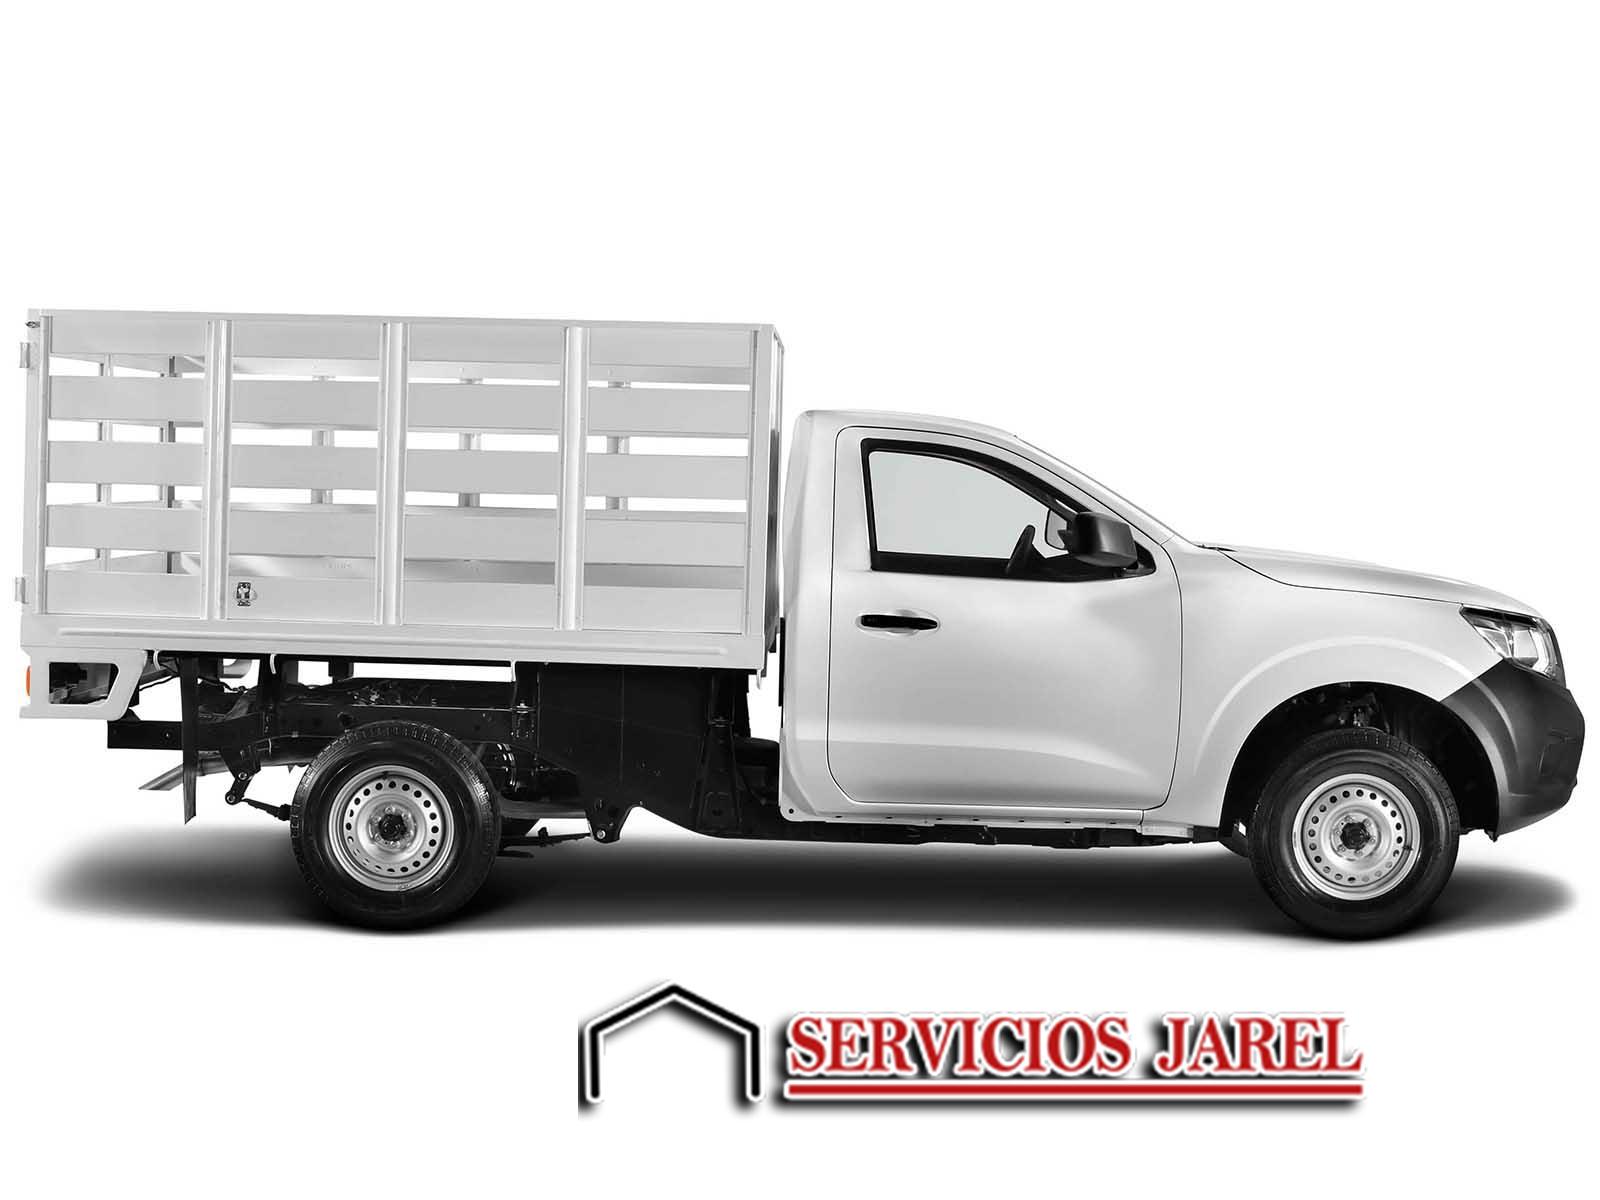 Redilas para camioneta nissan en Guadalajara - Servicios Jarel